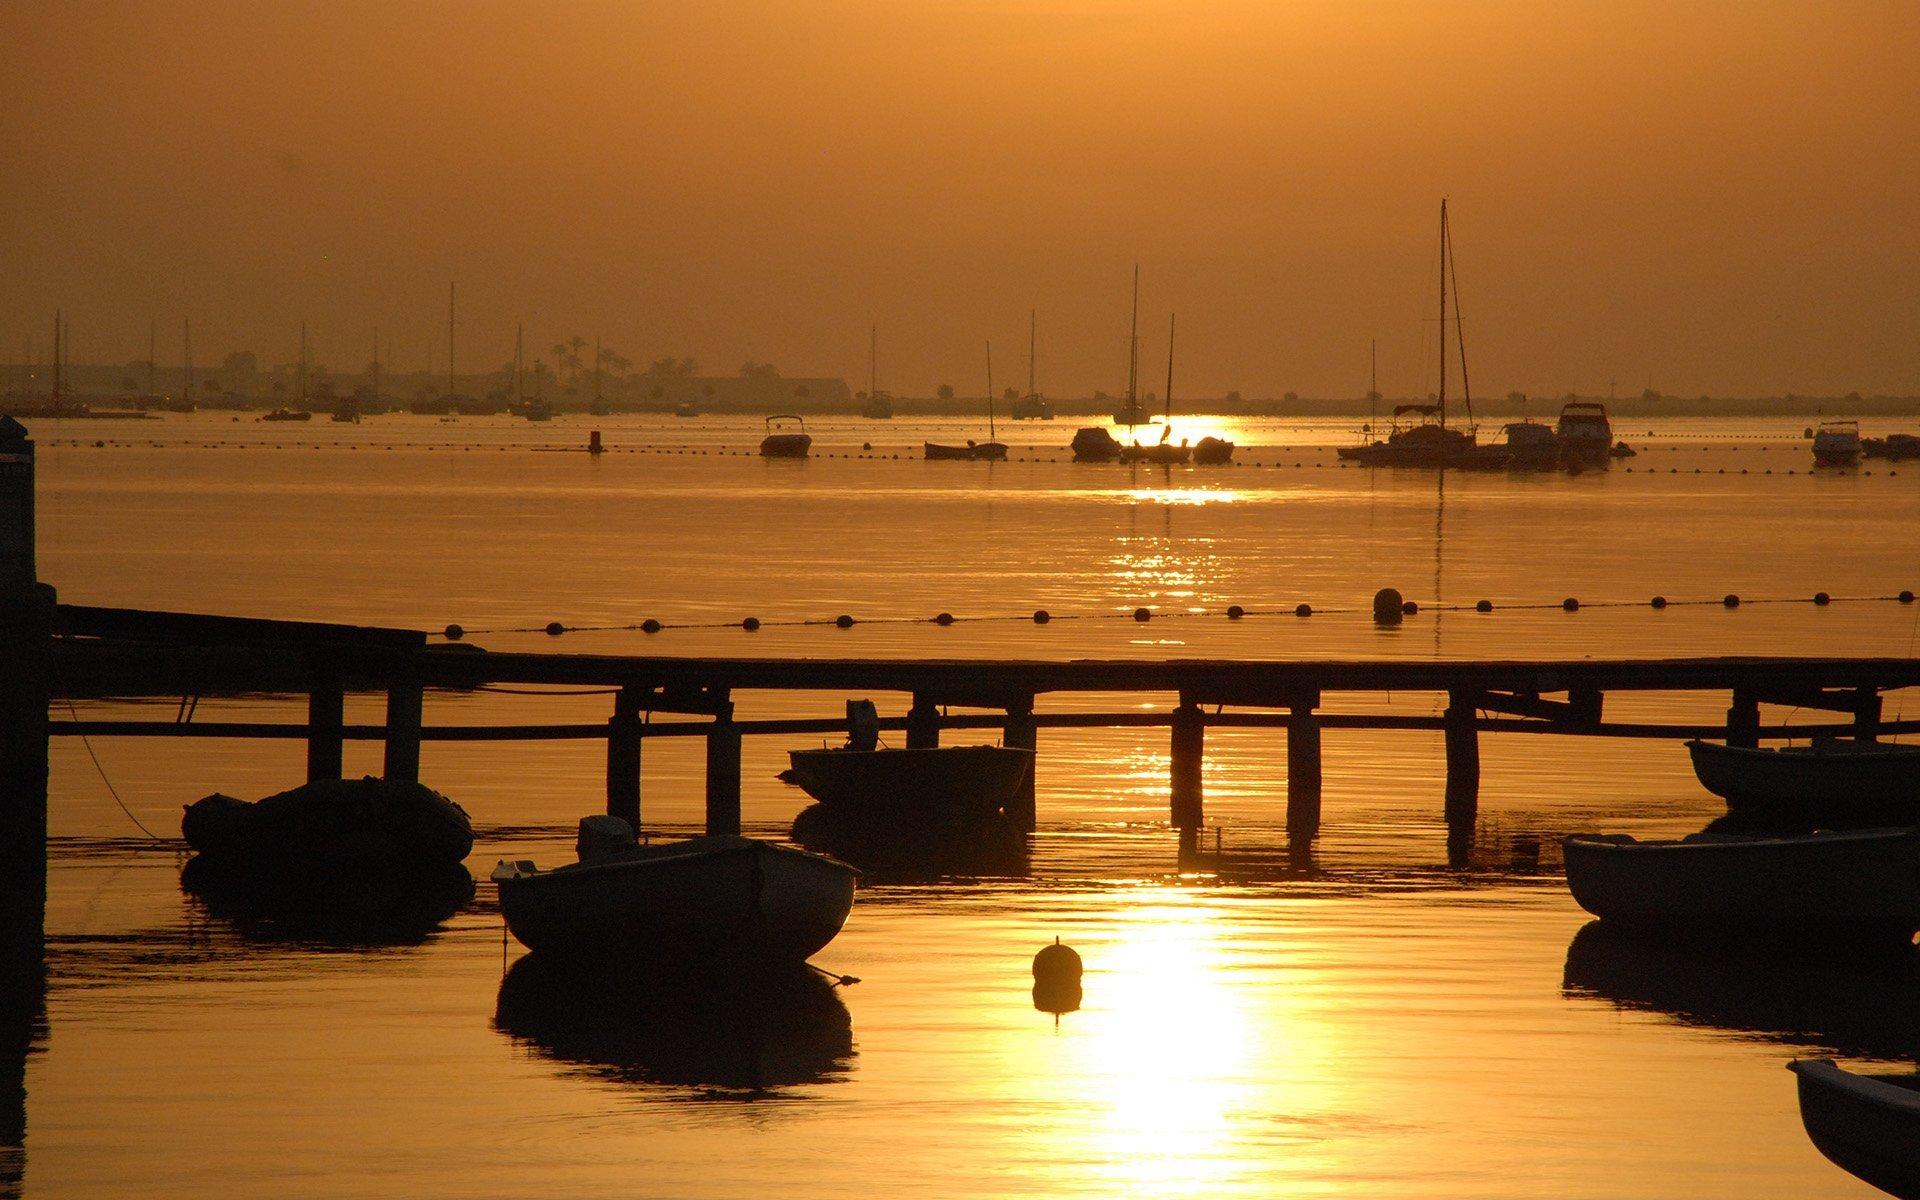 ispanya gün batımı ve tekneler